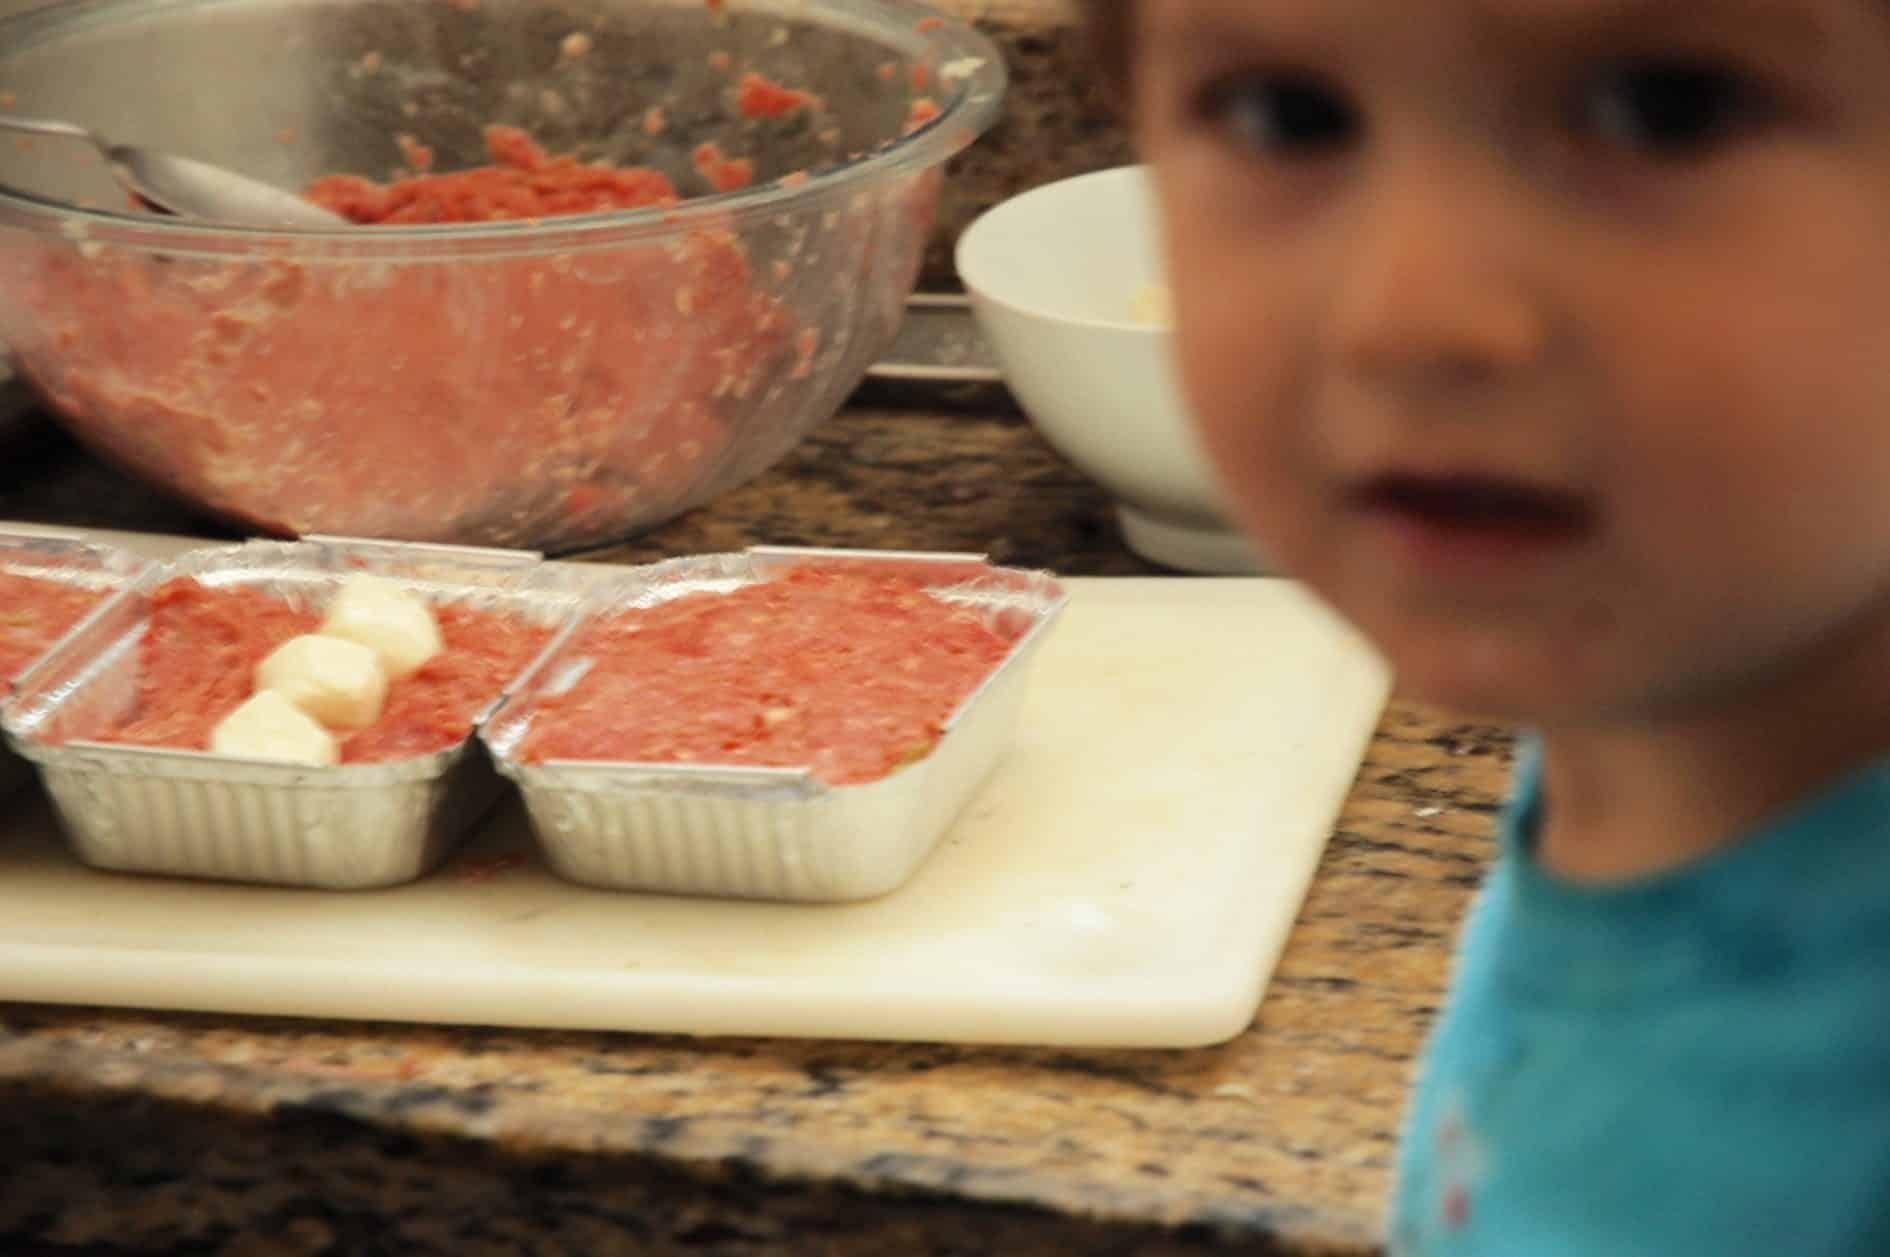 auxiliar de cozinha predileto - preparando as refeições da semana